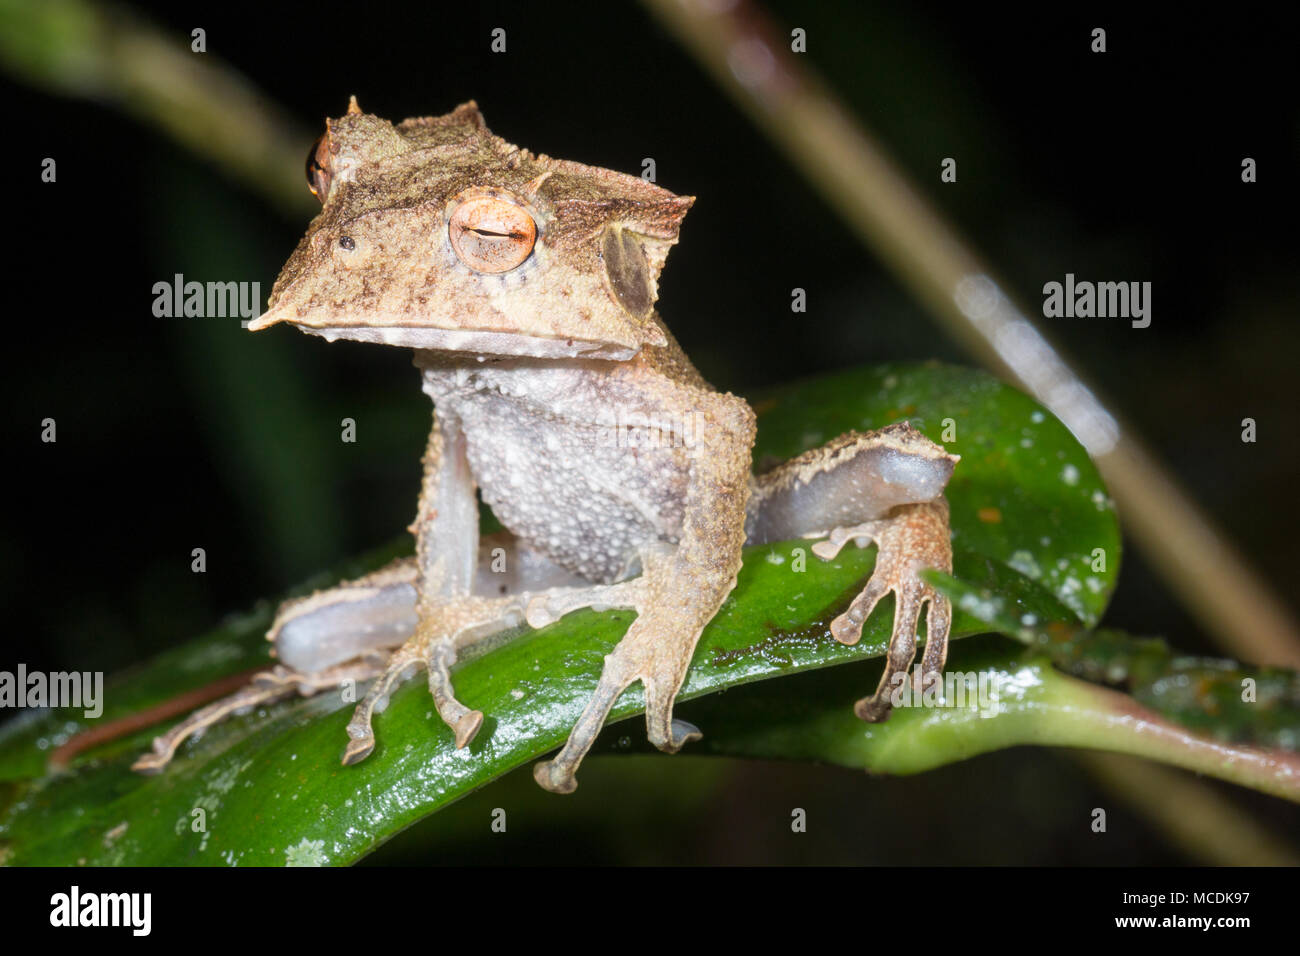 El extremadamente raro y en peligro de extinción Ecuador Cornuda Hemiphractus Treefrog (Bubalus). Por la noche se posan en su hábitat natural, la selva, el sotobosque Imagen De Stock